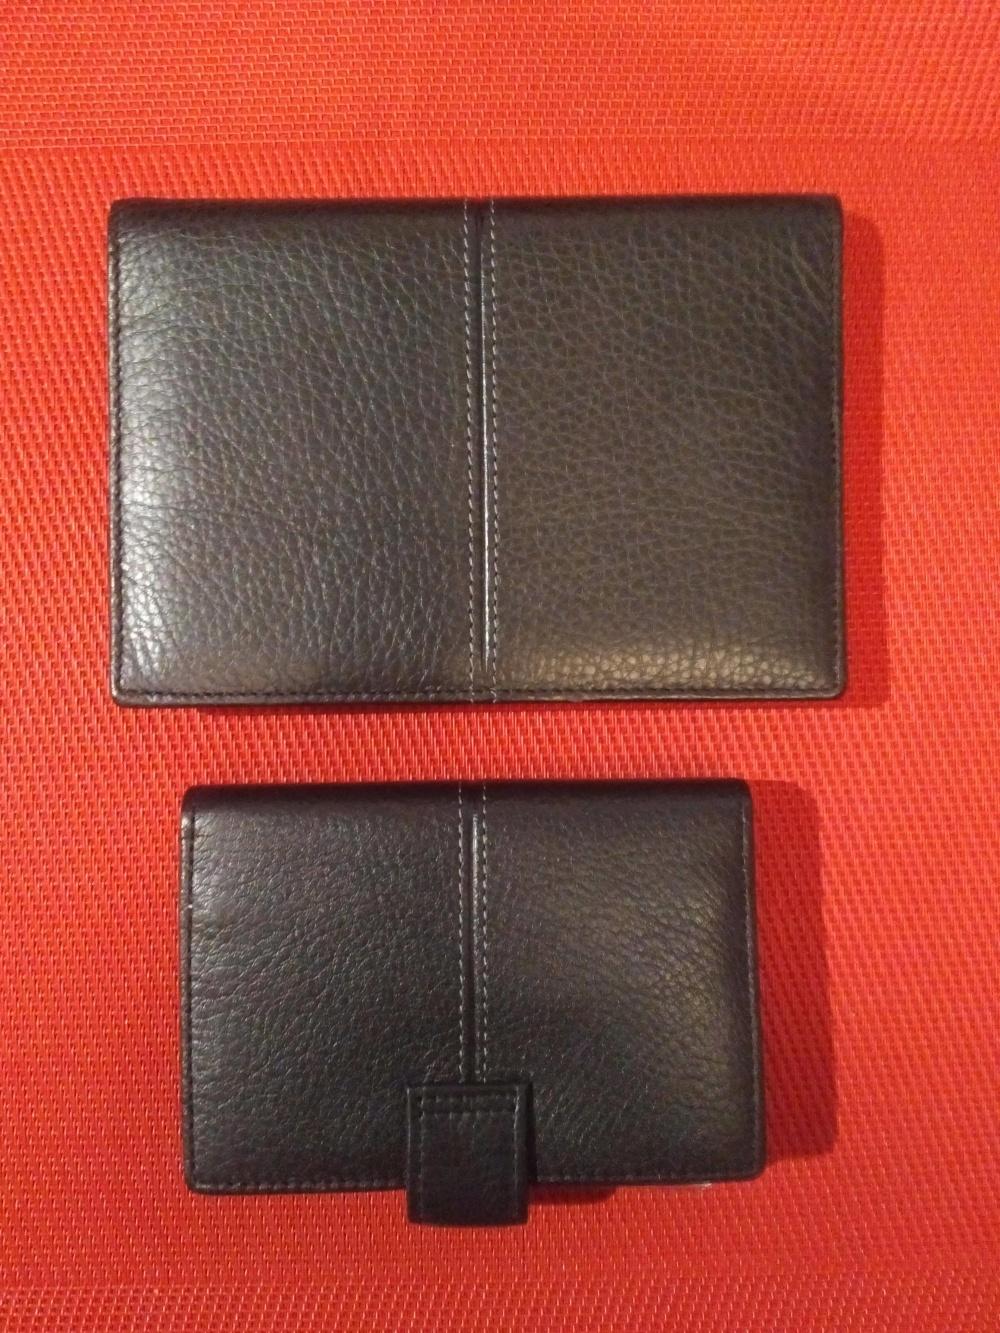 Обложка для документов и визитница бренда Eleganzza, размеры: 14,0 х 9,5 см и 10,5 х 7,0 см